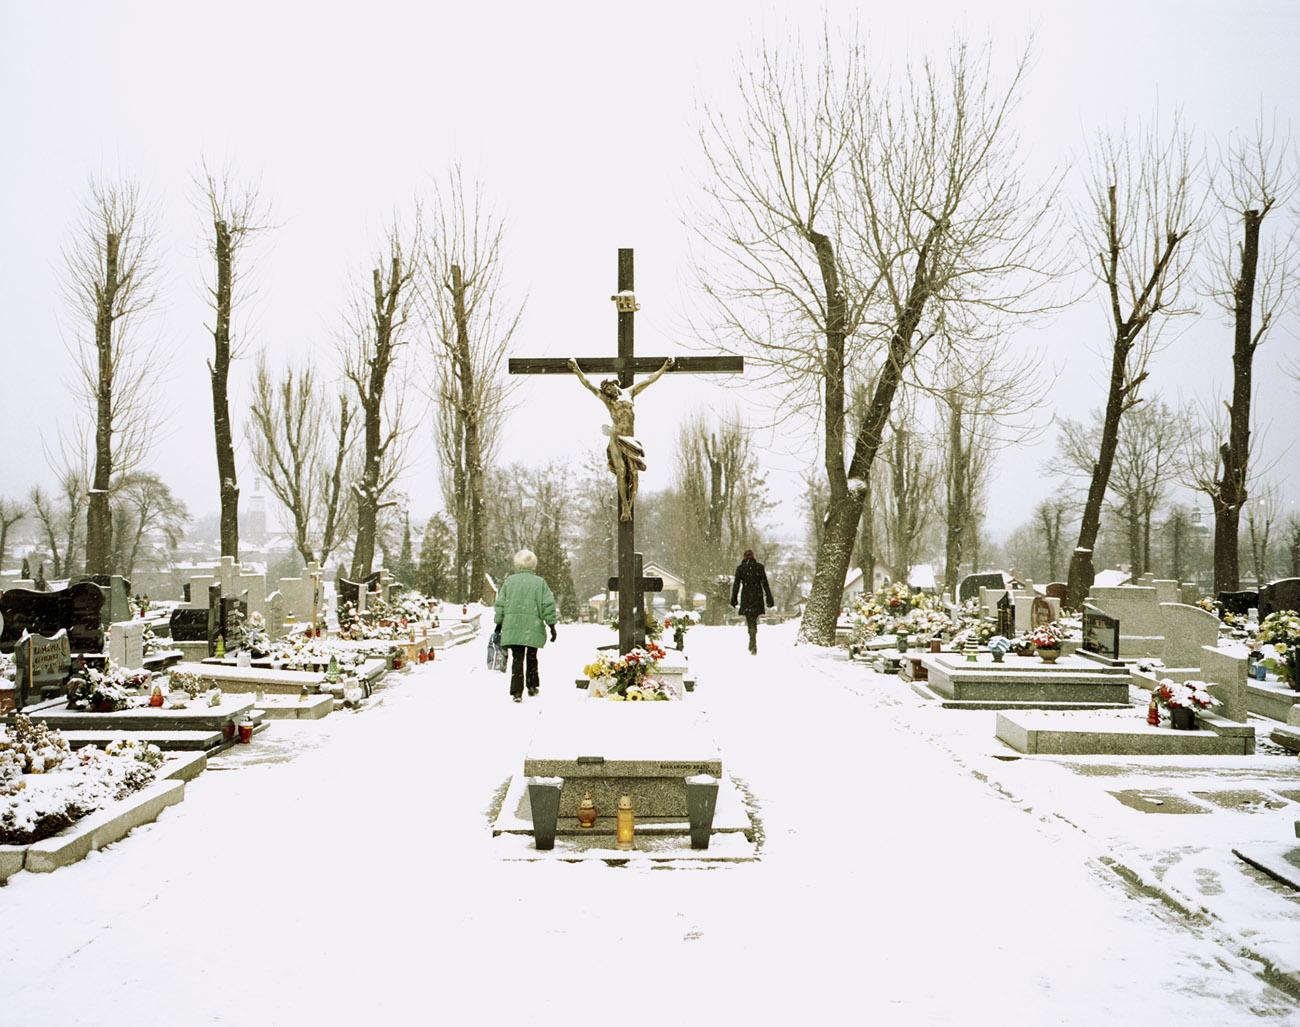 Fotografie eines verschneiten Friedhofs. Zwei Personen bahnen sich ihren Weg durch den Schnee. Auf den Gräbern ist bunter Blumenschmuck zu erkennen. In der Mitte steht ein großes Kreuz mit Christus-Figur.